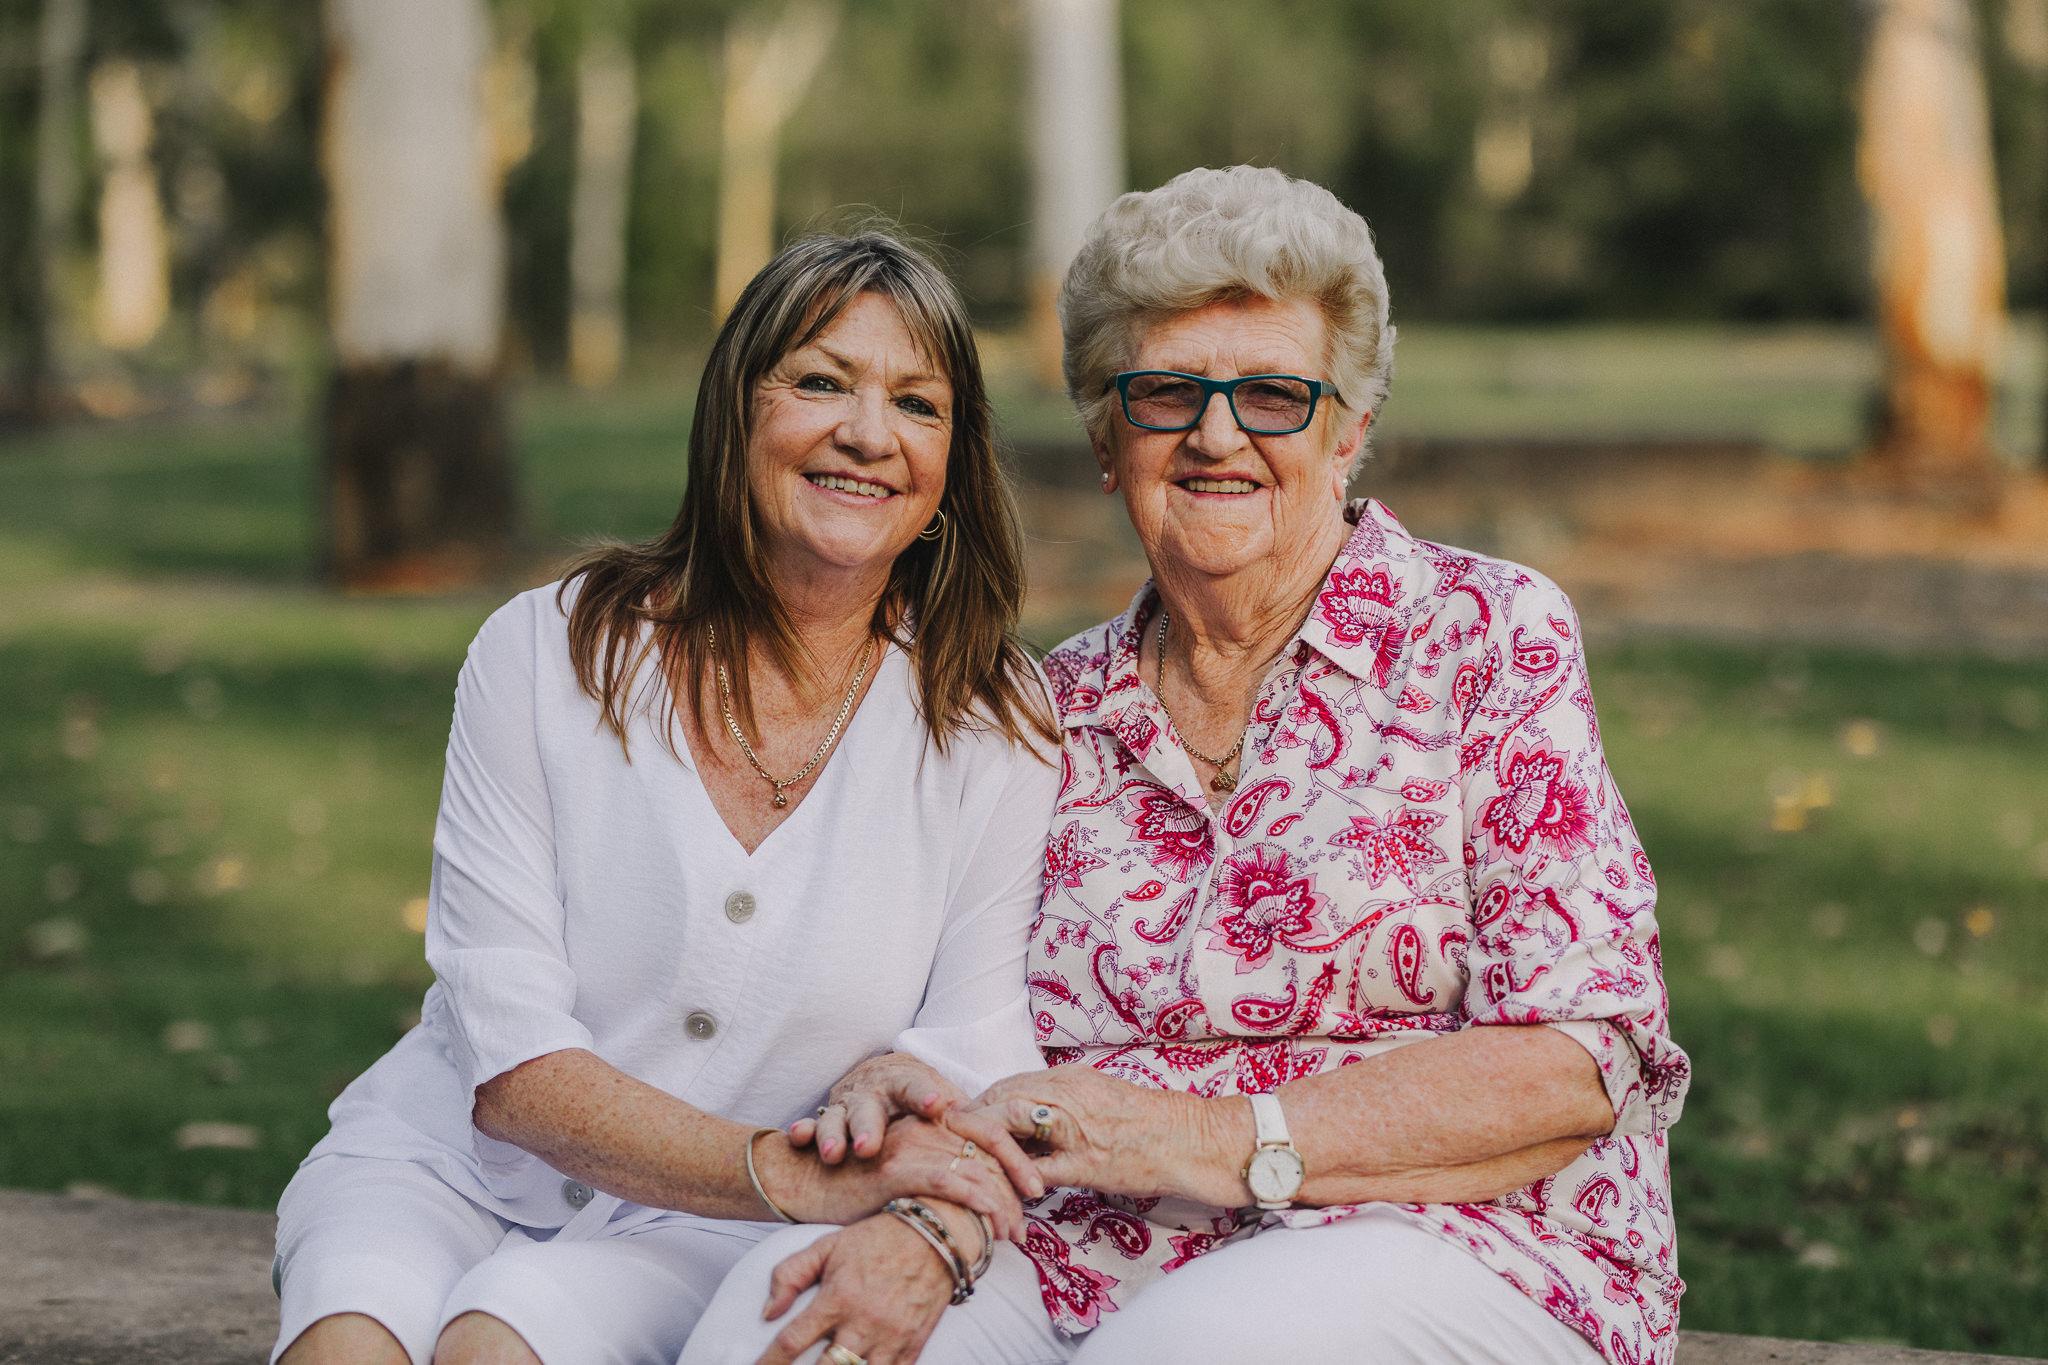 Snape-family-photos-resized-39 - Family Photoshoots Brisbane